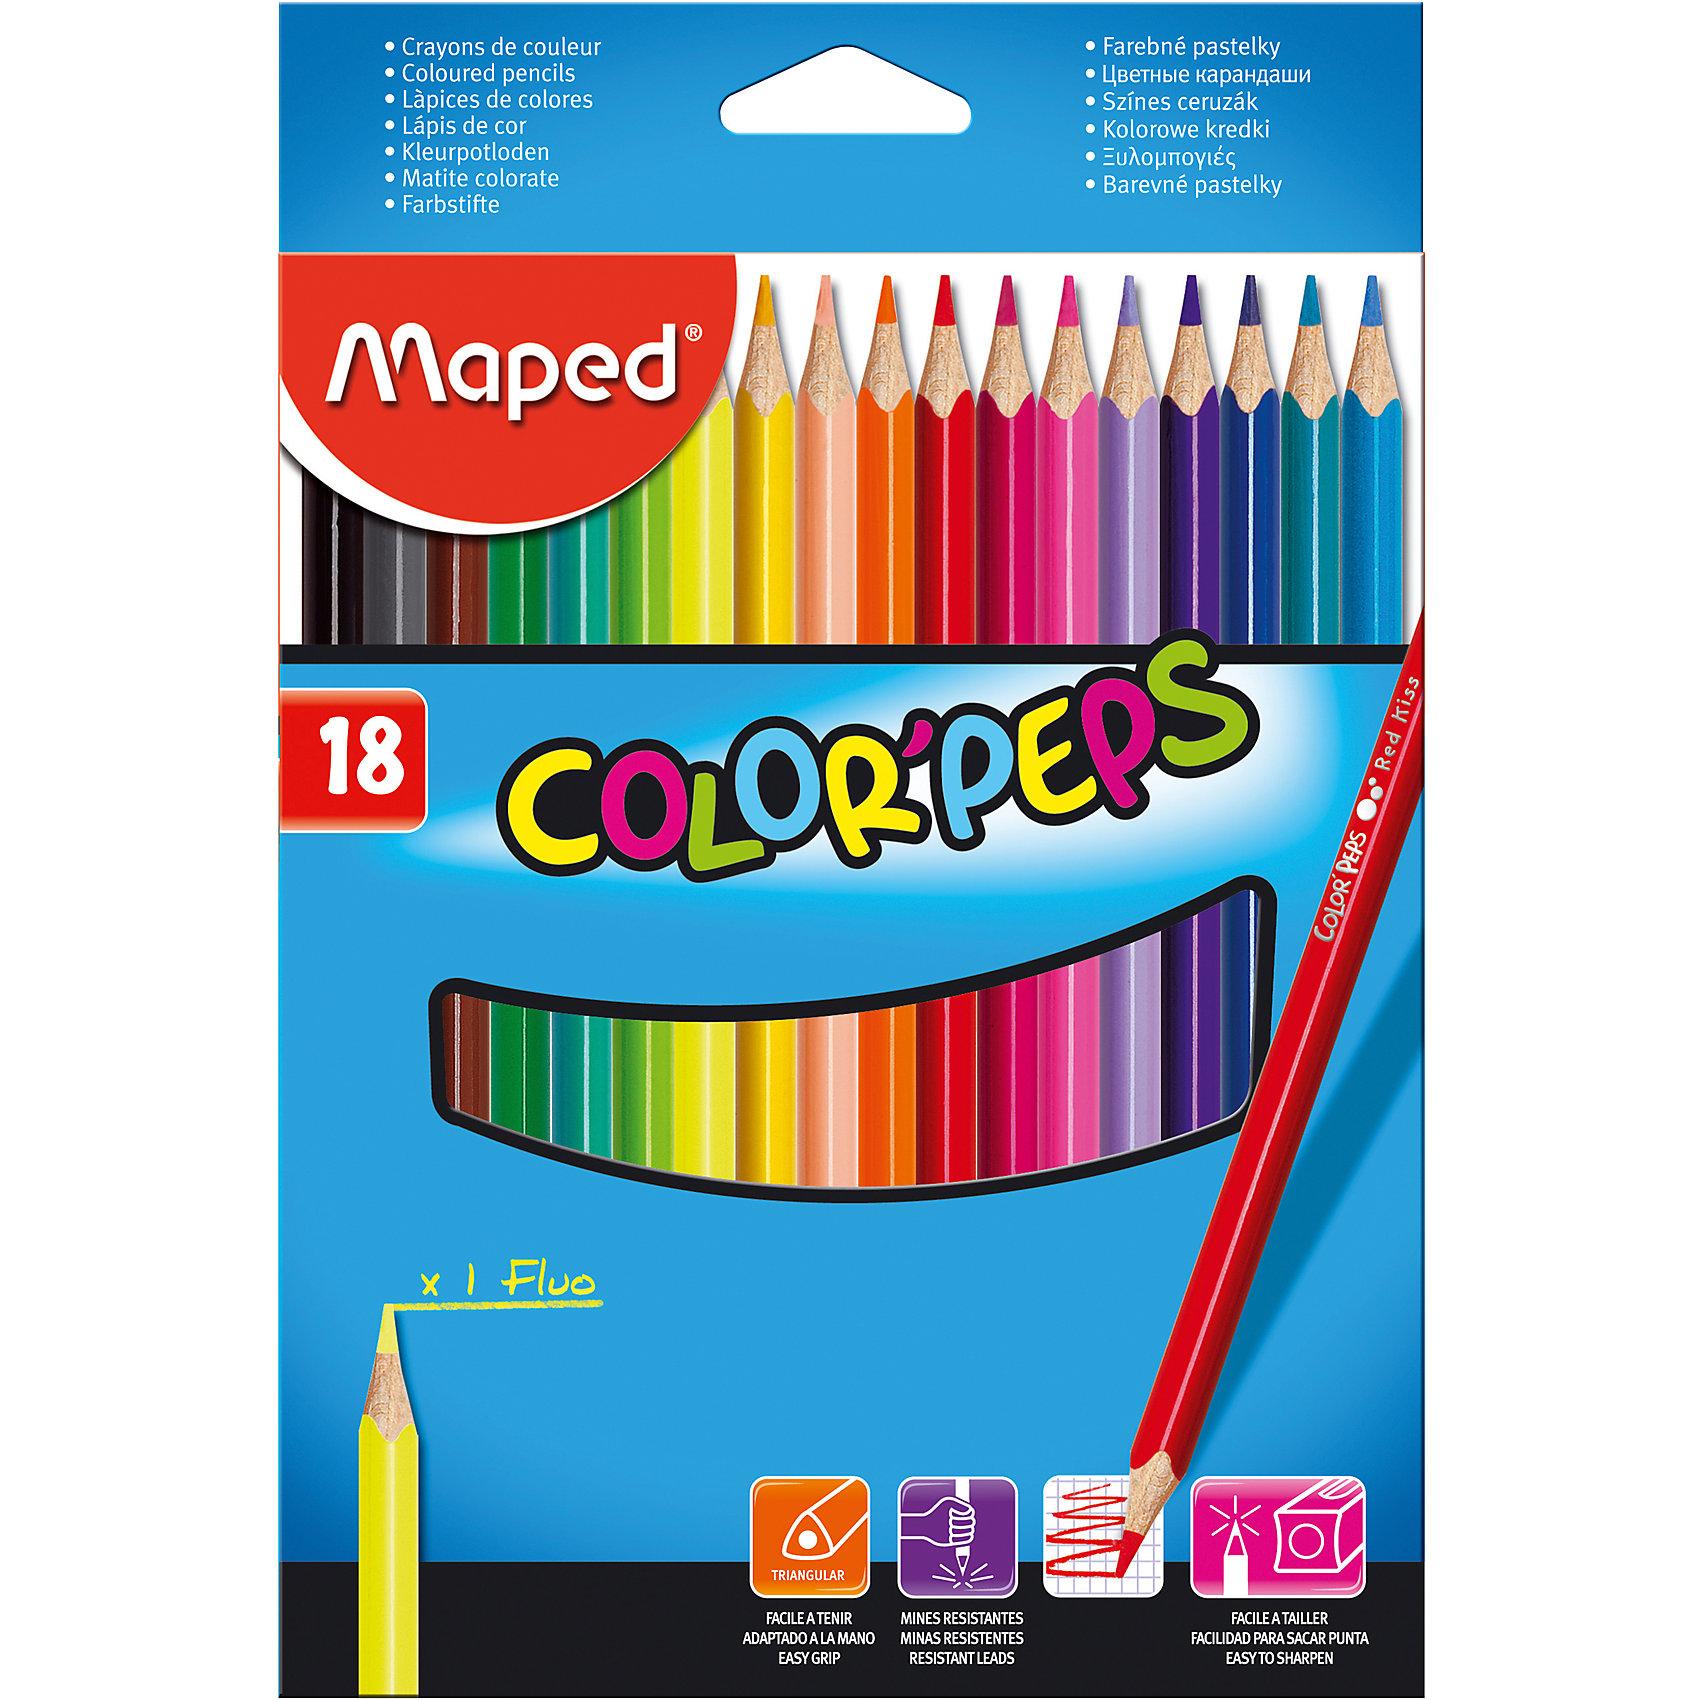 Набор цветных карандашей COLORPEPS, 18 цв.Набор цветных карандашей COLORPEPS, 18 цв. от марки Maped<br><br>Эти карандаши созданы компанией Maped для комфортного и легкого рисования. Легко затачиваются, при этом грифель очень устойчив к поломкам. Цвета яркие, линия мягкая и однородная.<br>Грифель - из высококачественного материала. В наборе - 18 карандашей разных цветов. Они отлично лежат в руке благодаря удобной форме и качественному покрытию. Действительно удобный инструмент для рисования. Созданы для ярких картин!<br><br>Особенности данной модели:<br><br>материал корпуса: дерево;<br>комплектация: 18 шт.<br><br>Набор цветных карандашей COLORPEPS, 18 цв. от марки Maped можно купить в нашем магазине.<br><br>Ширина мм: 146<br>Глубина мм: 214<br>Высота мм: 10<br>Вес г: 116<br>Возраст от месяцев: 36<br>Возраст до месяцев: 2147483647<br>Пол: Унисекс<br>Возраст: Детский<br>SKU: 4684738